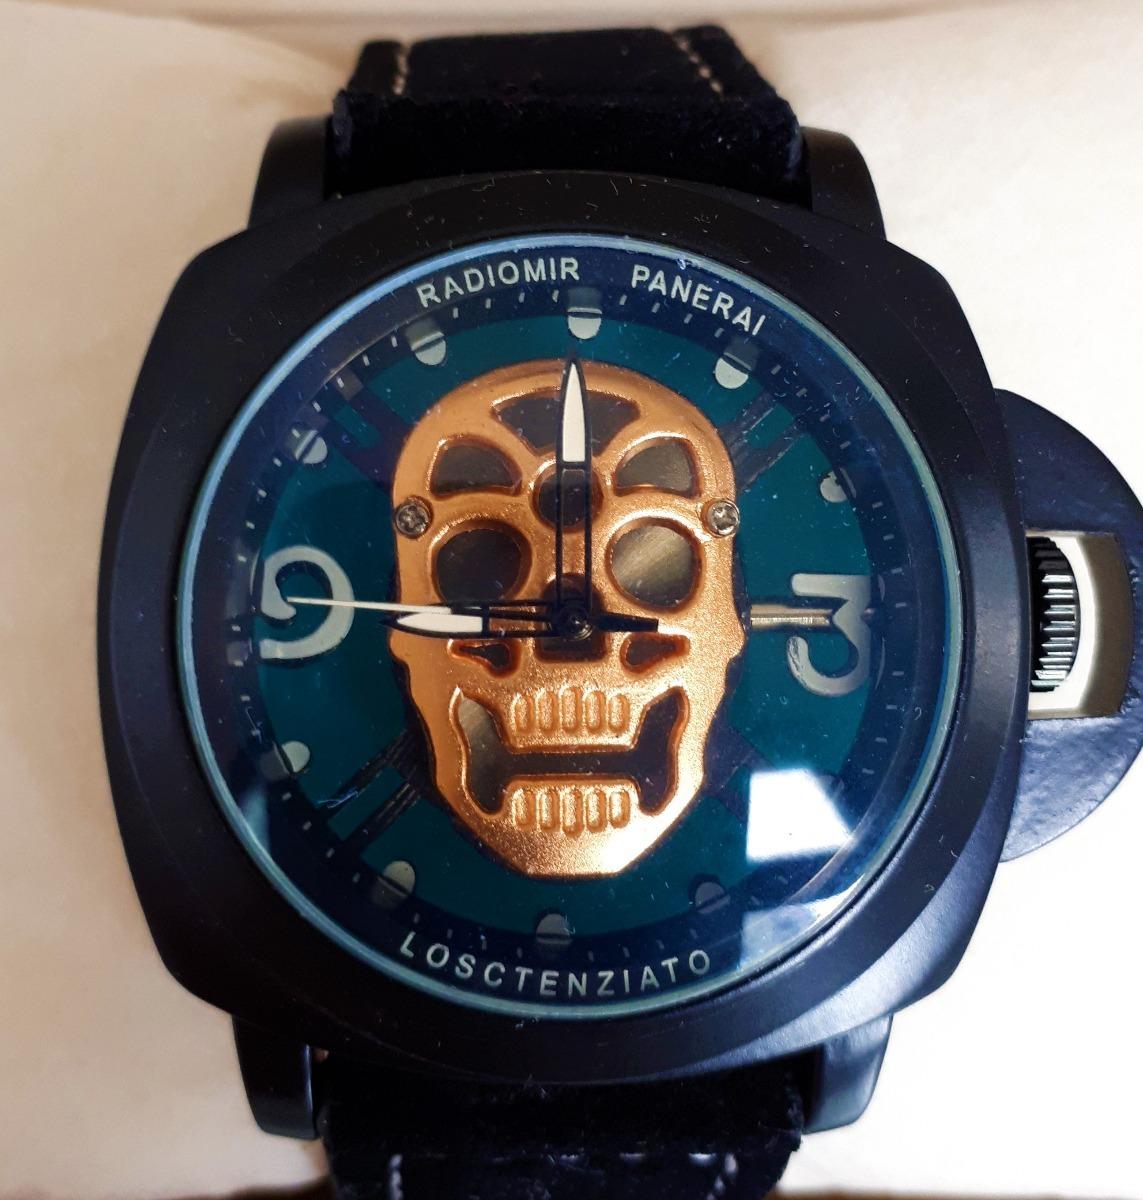 eb2bc6c5127 Relógio Panerai Radiomir - Esqueleto Caveira - P P Nautilus - R  499 ...